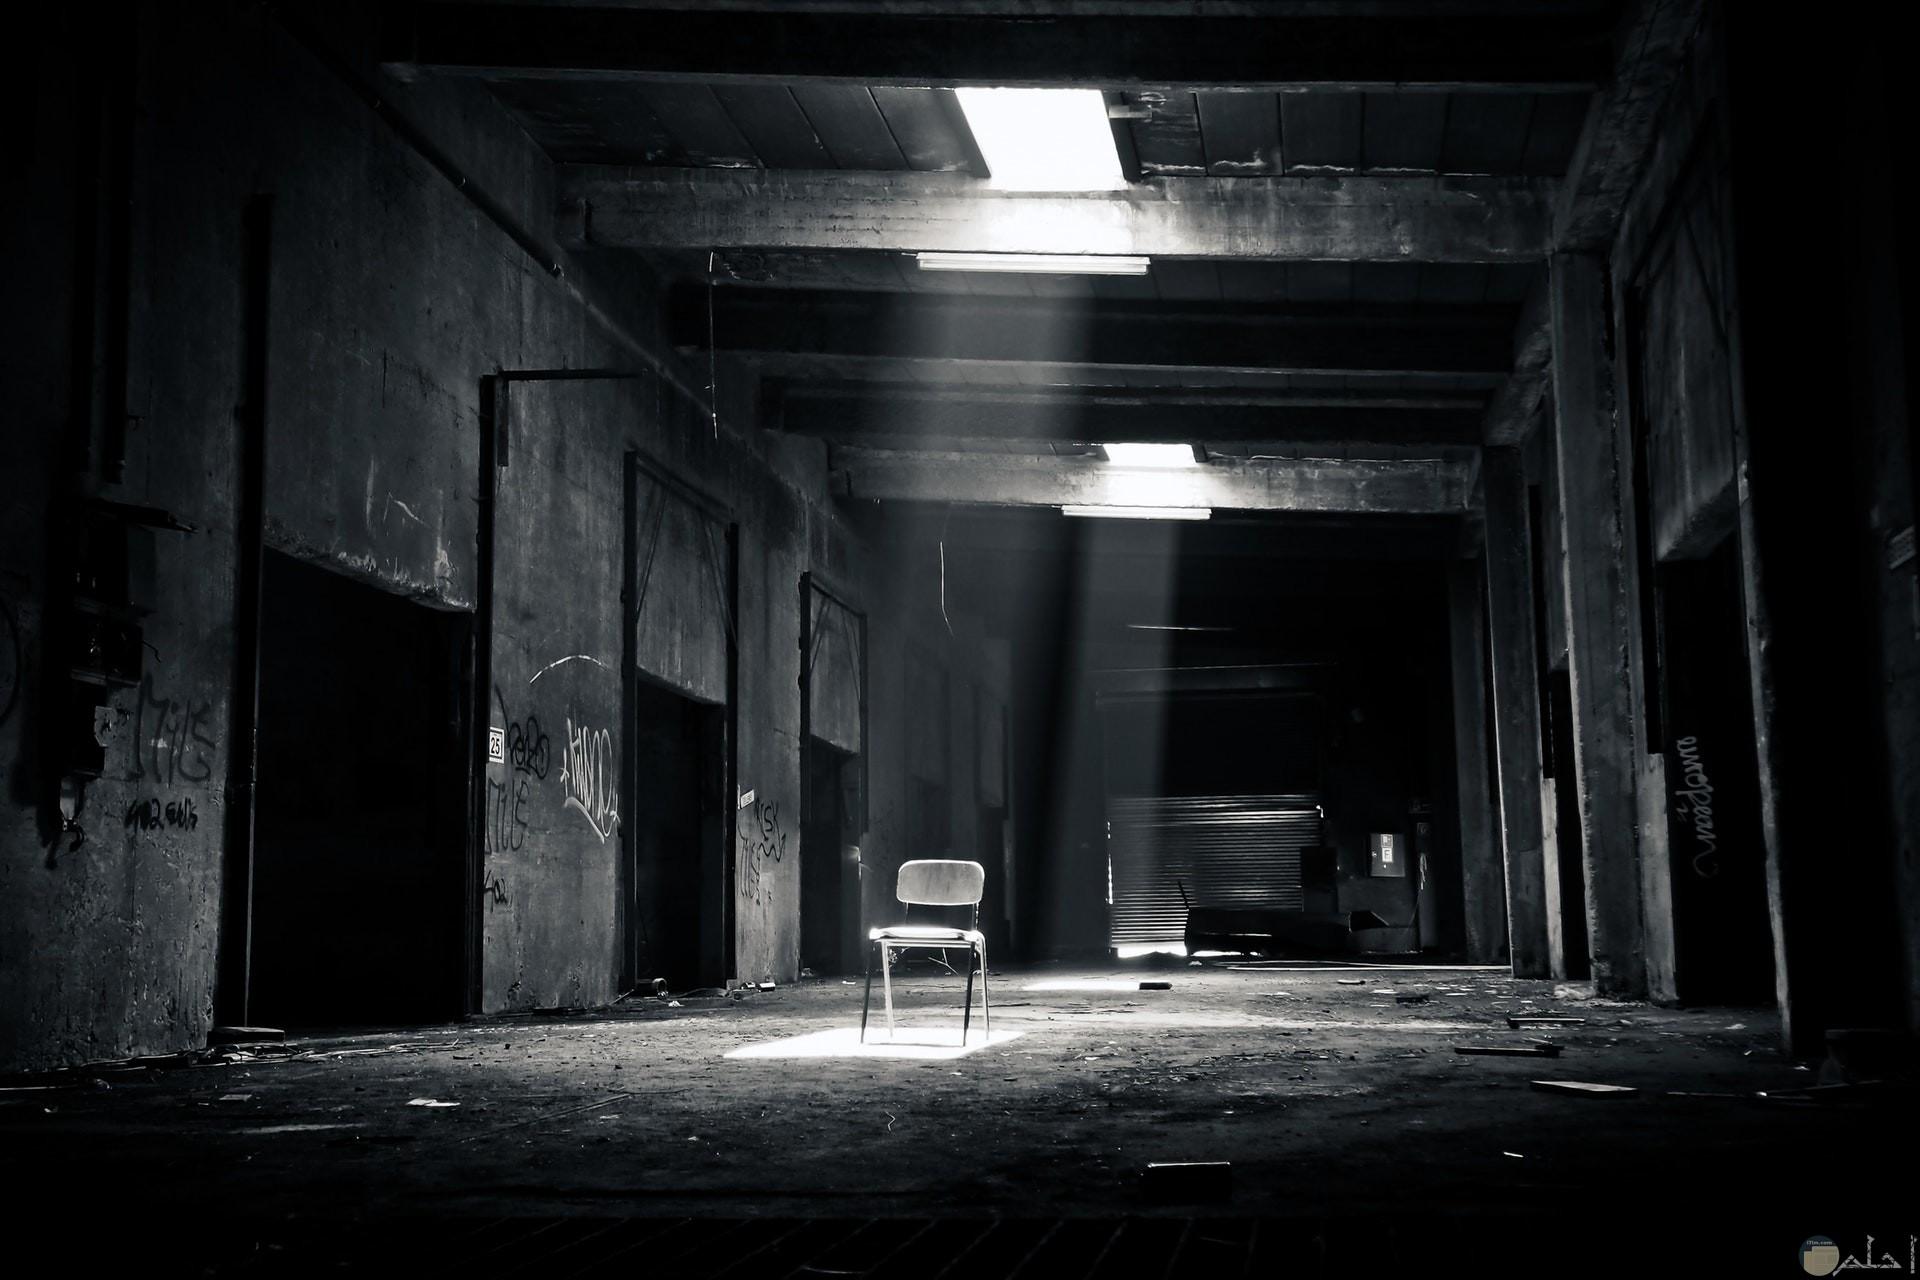 صورة مخيفة بالأبيض والاسود لمكان مهجور ويوجد كرسي يصل له النور